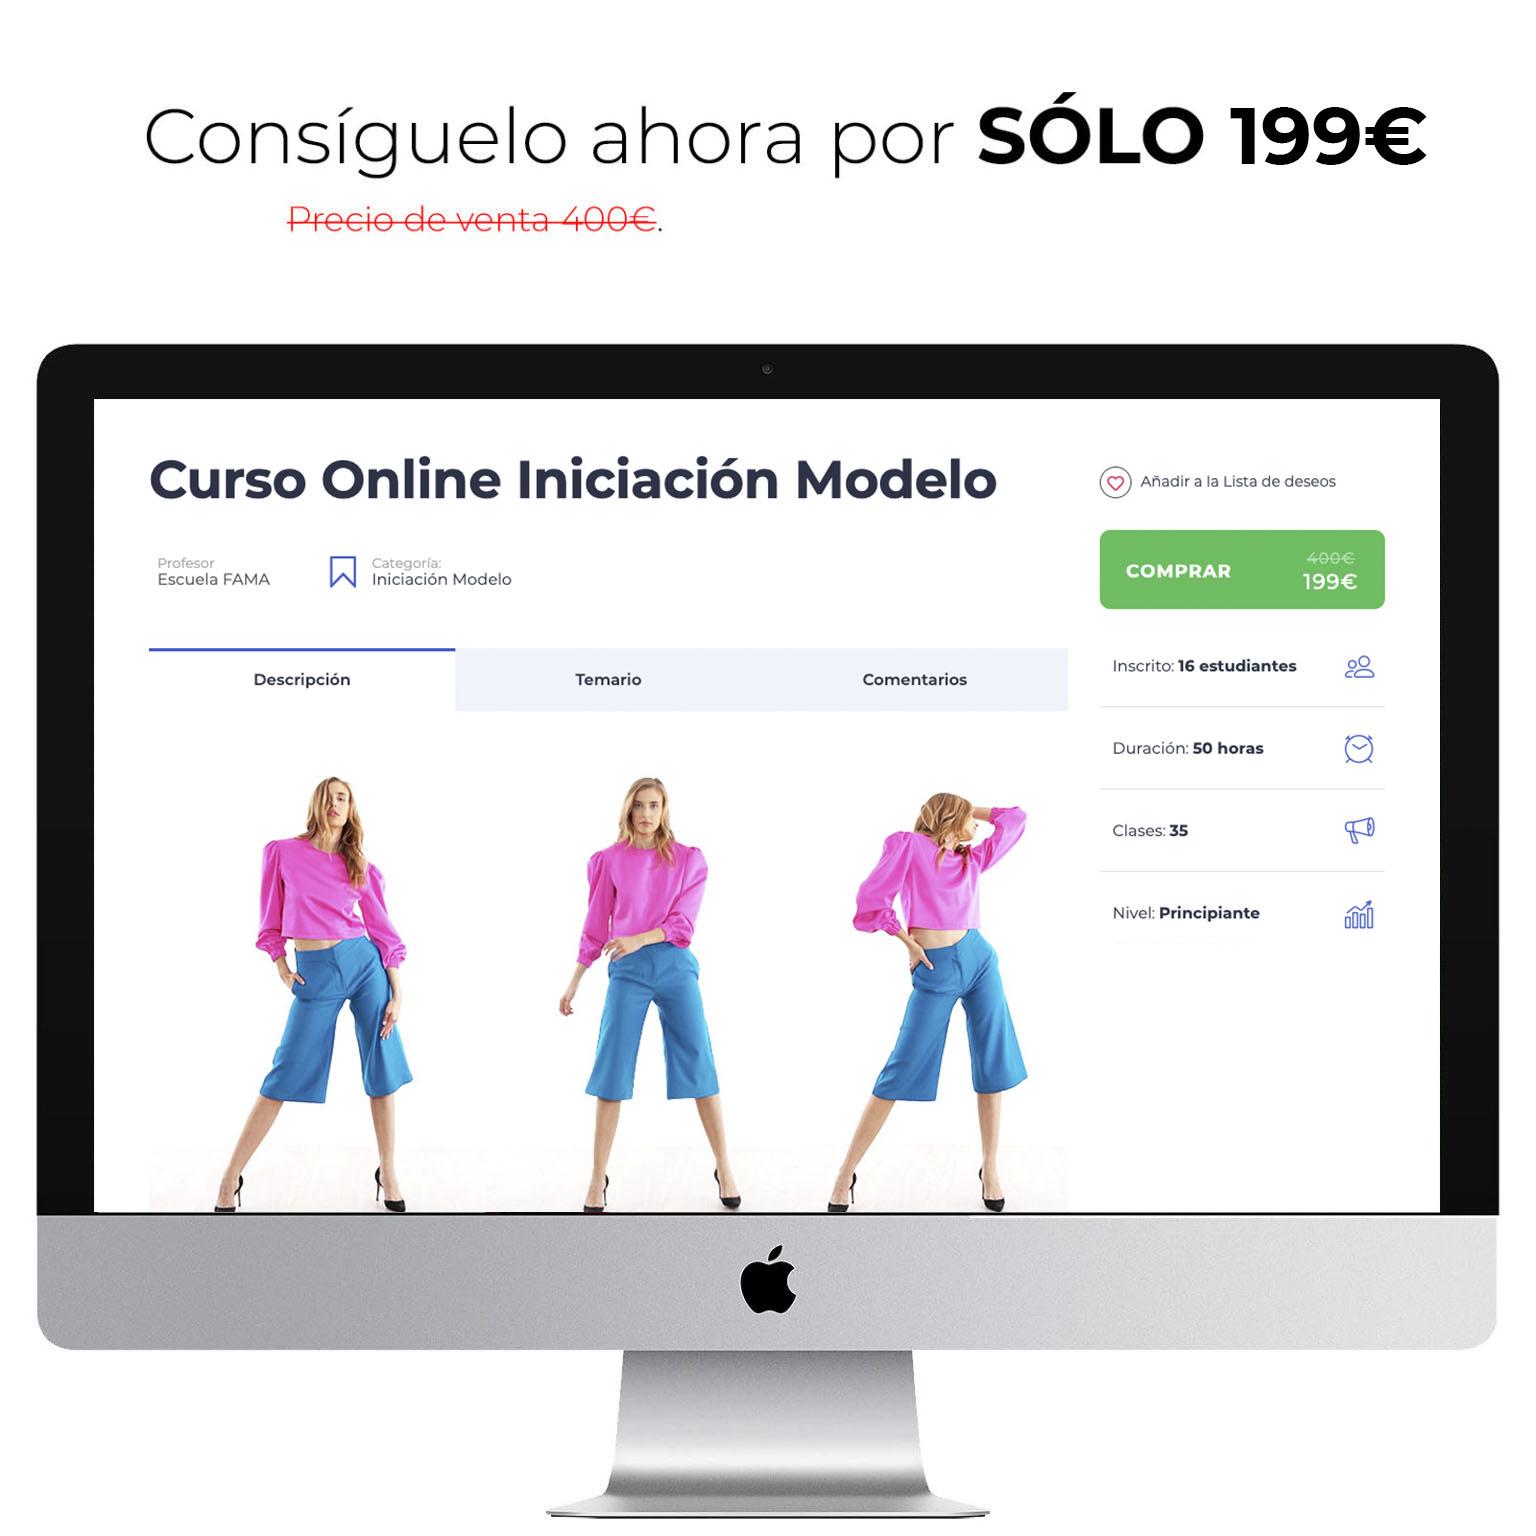 Curso Online Modelo